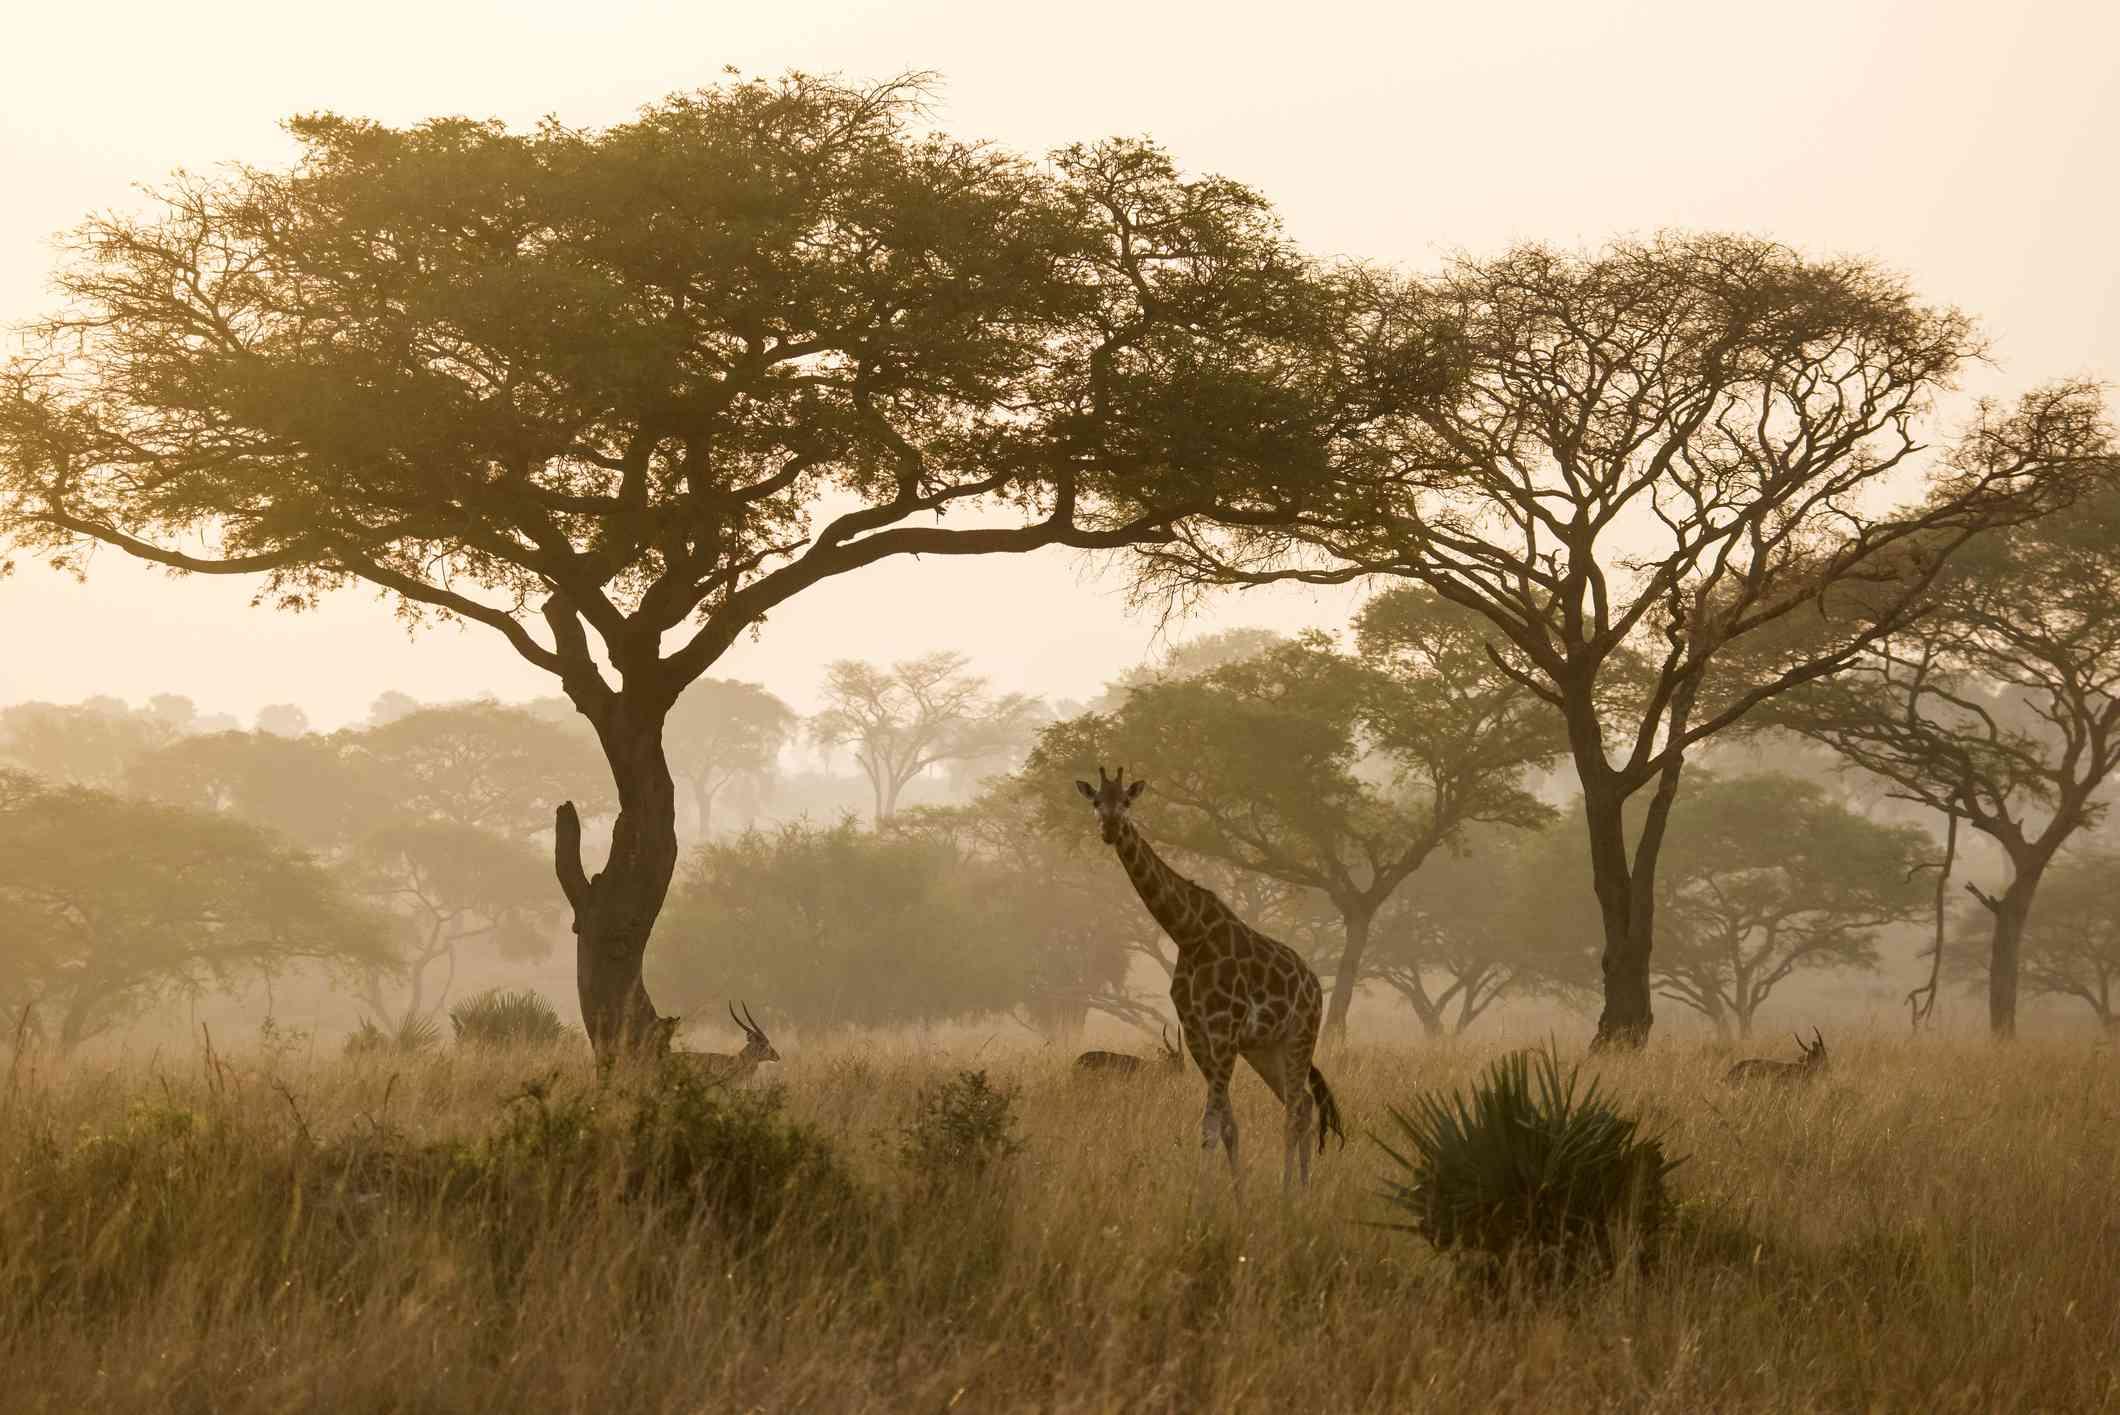 Nubian giraffe in Kidepo Valley National Park, Uganda